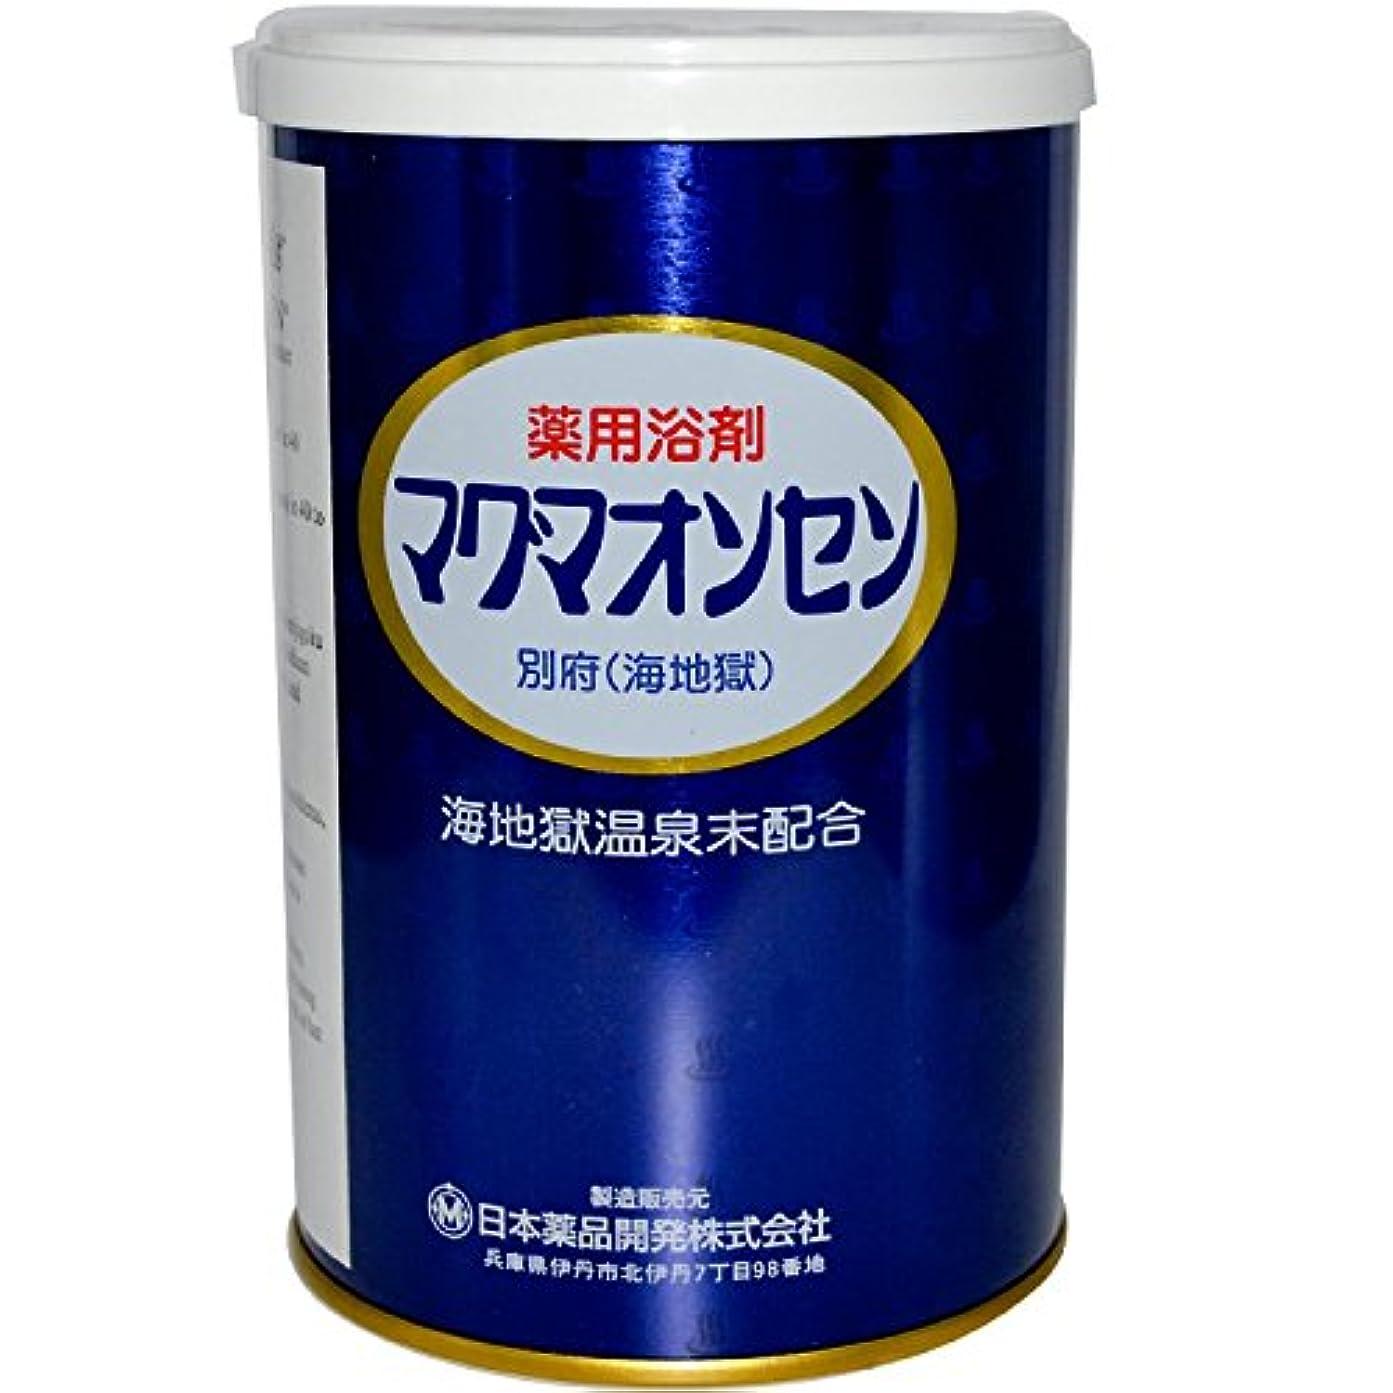 真面目な出血迫害する薬用浴剤マグマオンセン別府(海地獄)500gx4個